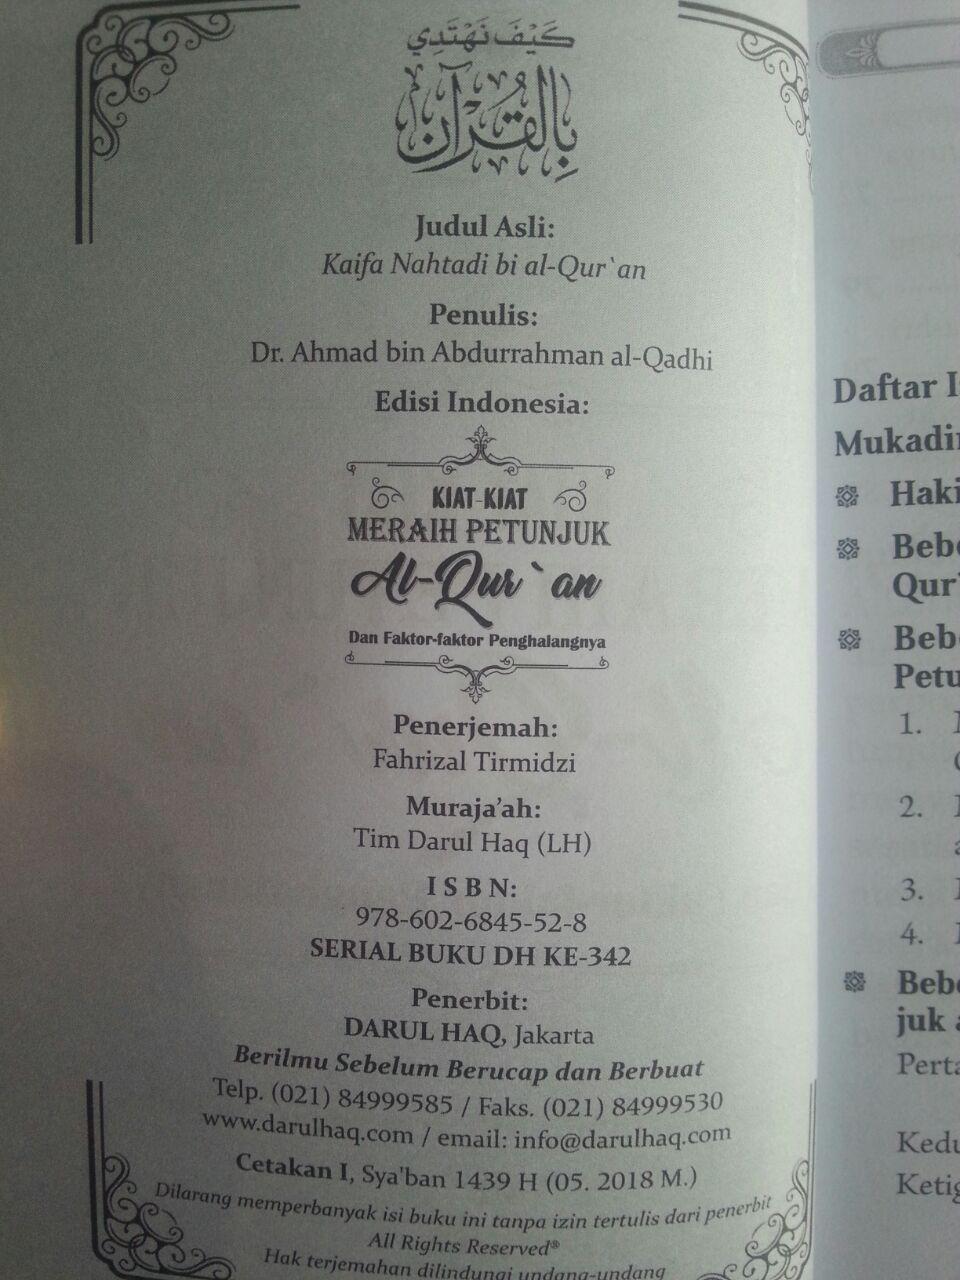 Buku Kiat-Kiat Meraih Petunjuk Al-Qur'an Dan Faktor Penghalang isi 2